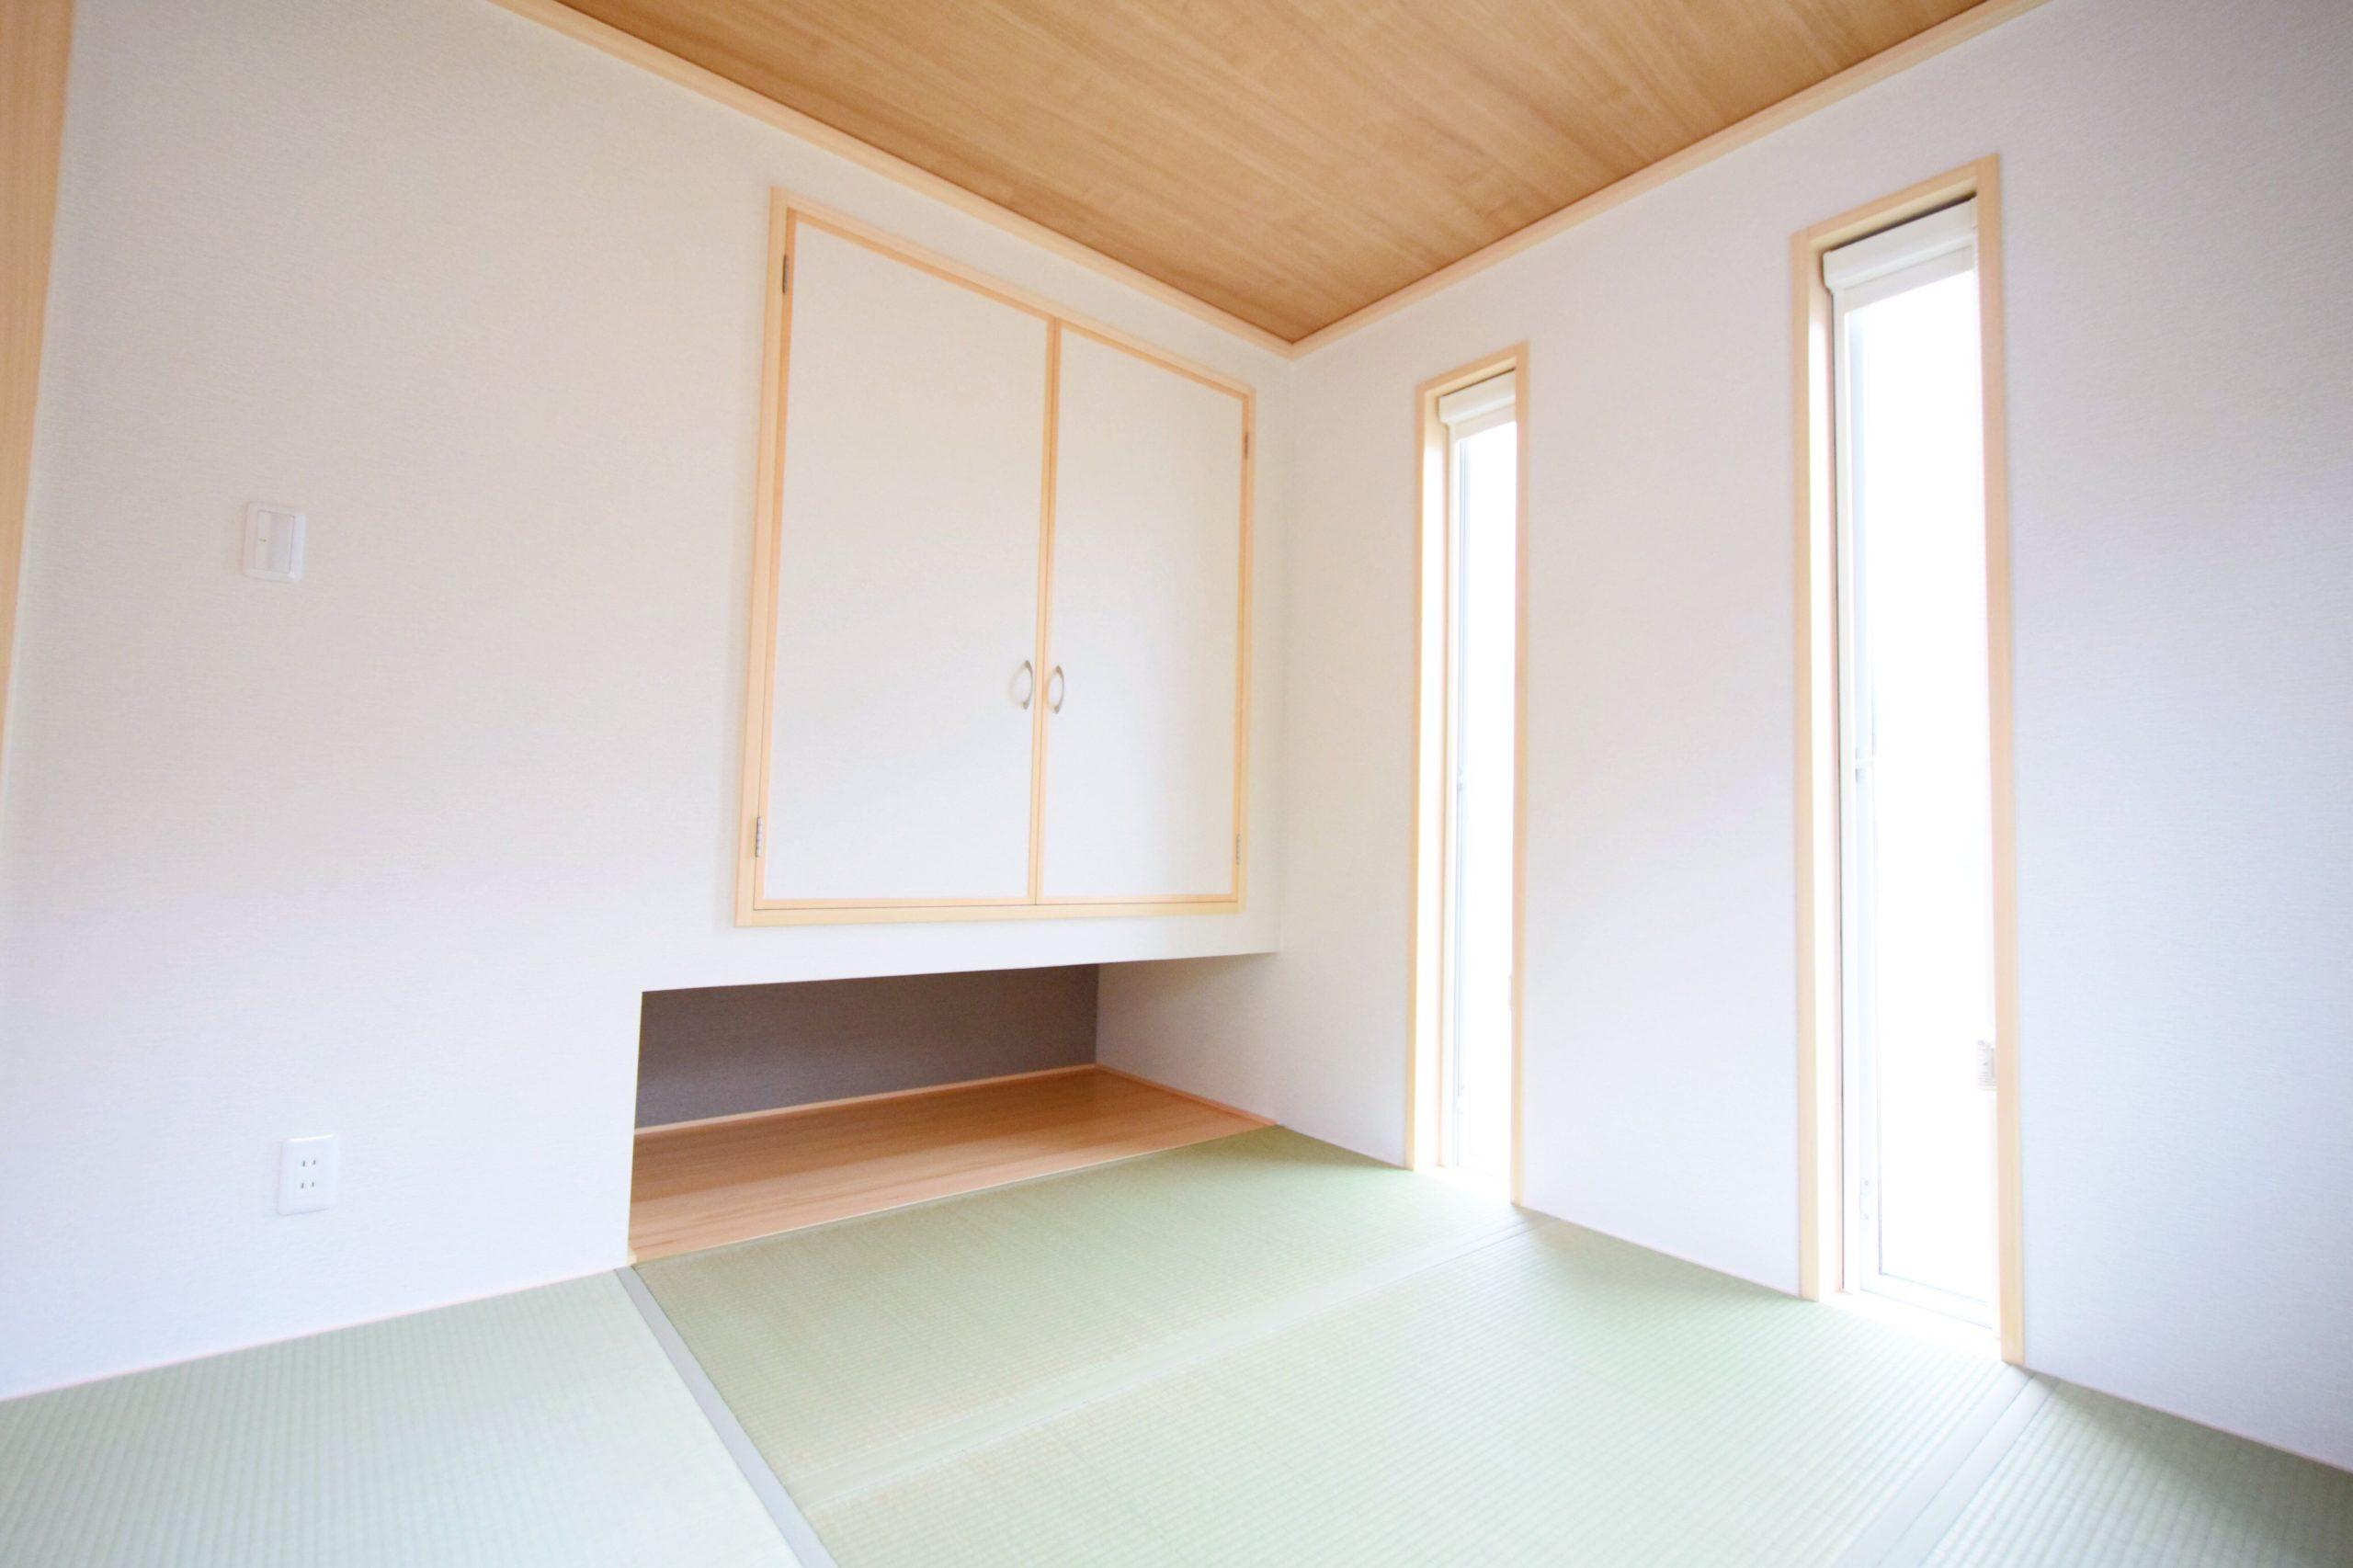 縦長の窓がアクセントな和室